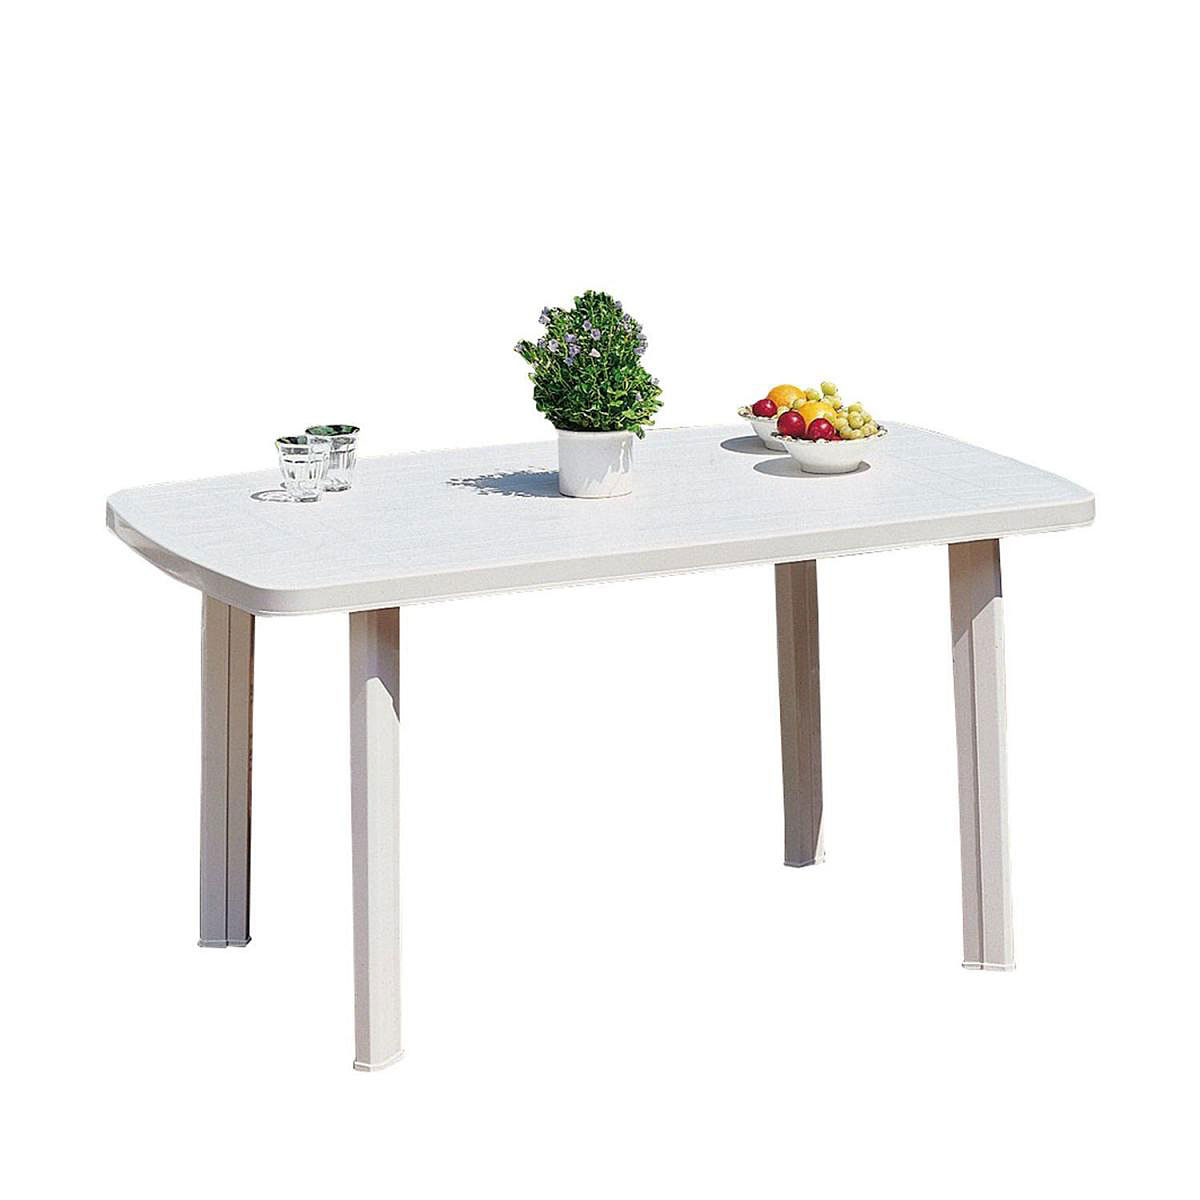 KUNSTSTOFFTISCH Gartentisch Faro 506020 90x140 Weiss